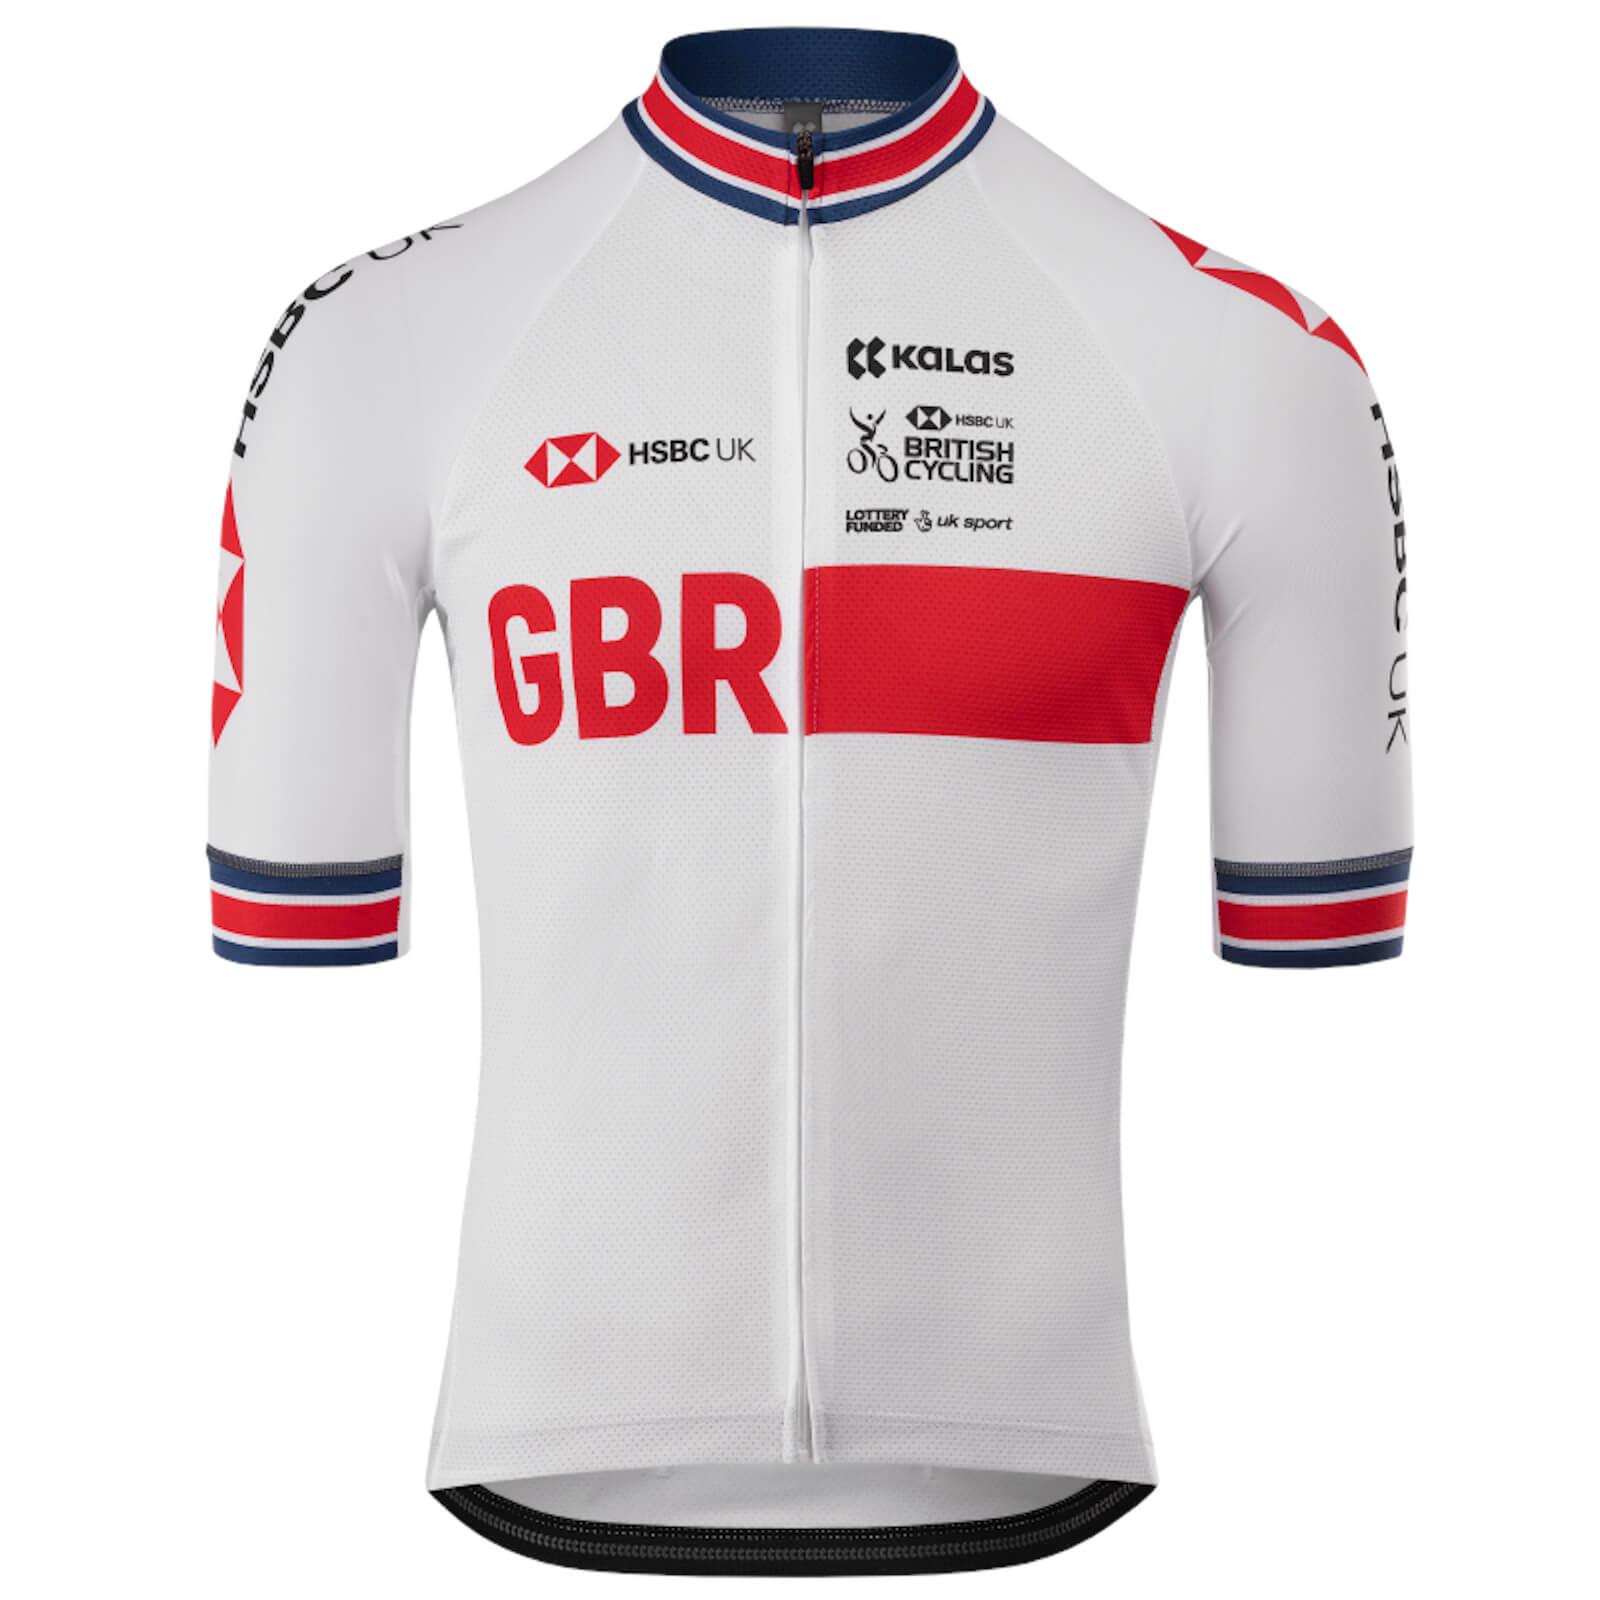 Kalas GBCT Elite Jersey - White - S